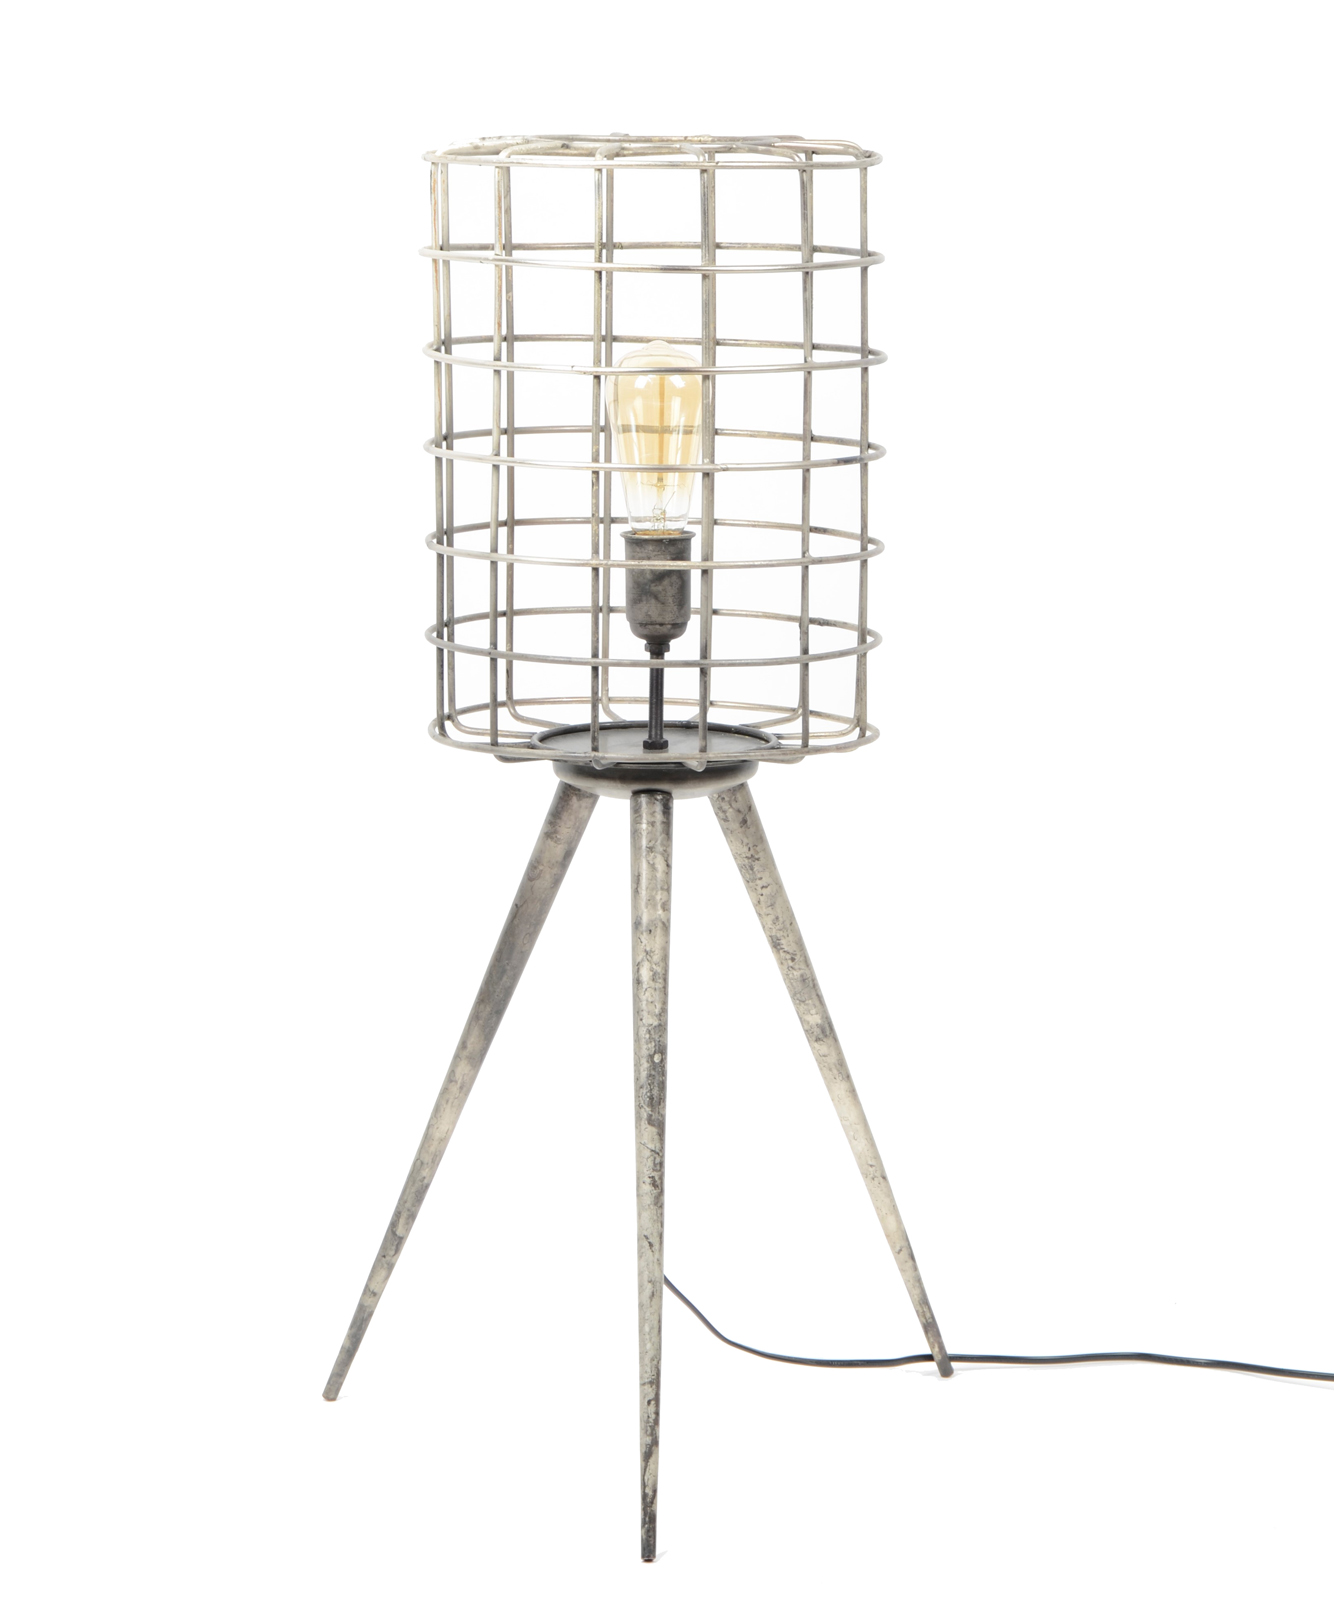 Grillage Métal Lampe 80cm Abat Tribeca Trépied Jour Argenté rhQdtsC